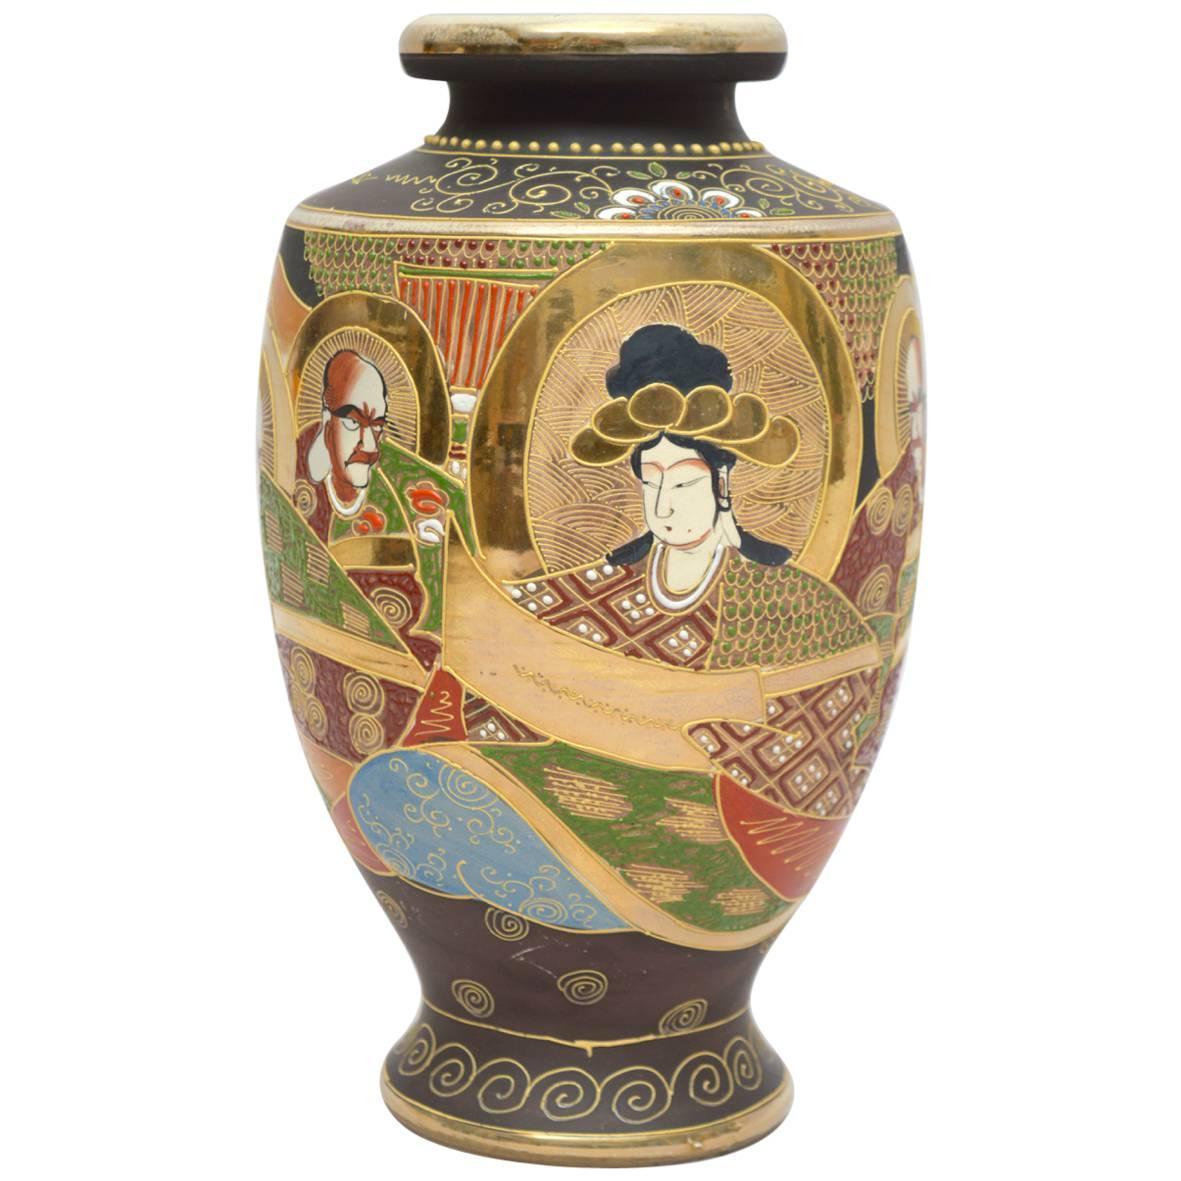 Japanese satsuma moriage vase circa 1920 for sale at 1stdibs reviewsmspy